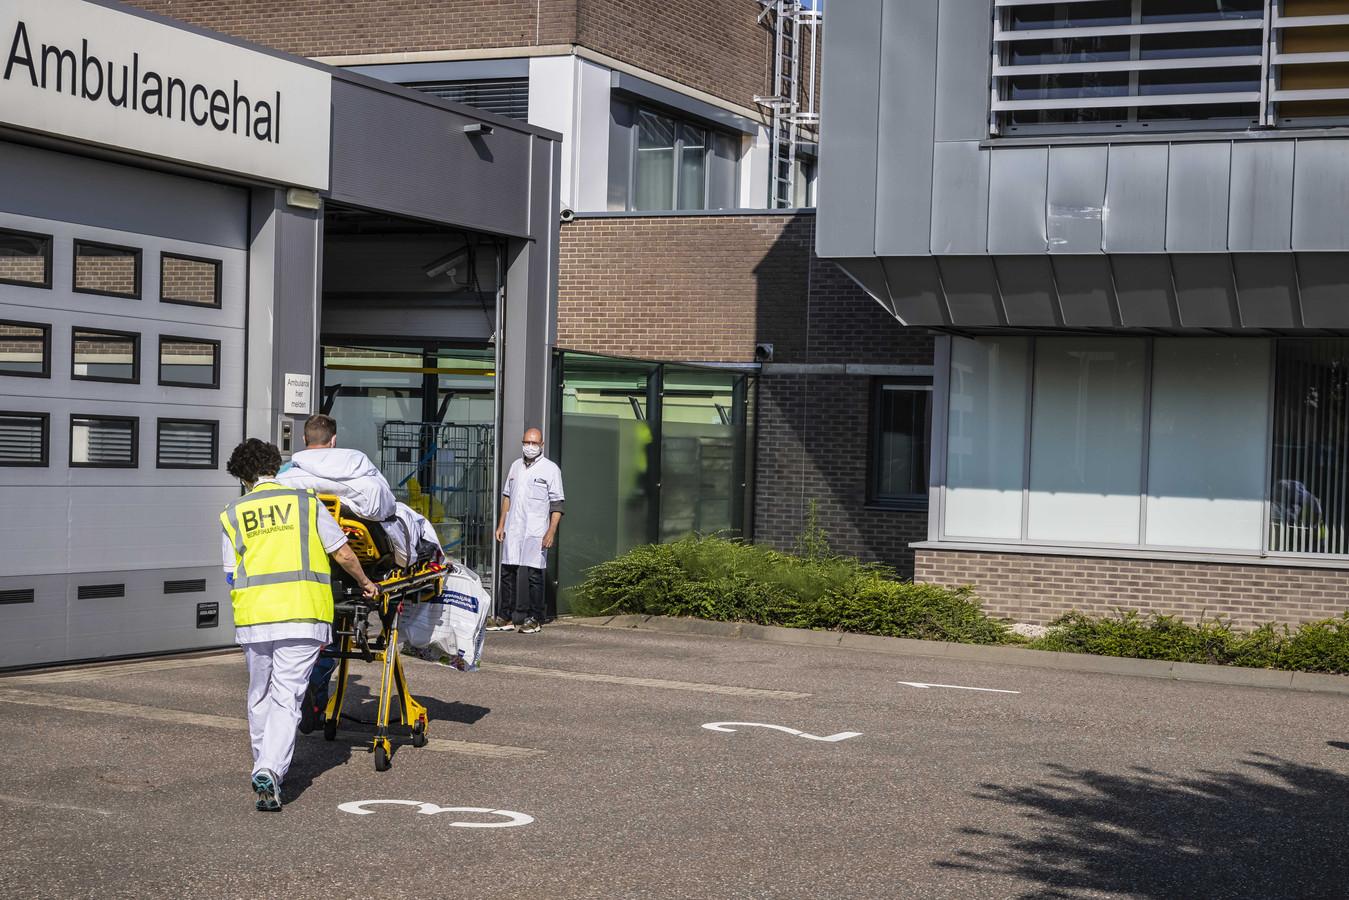 De eerste patienten komen terug in het ziekenhuis VieCuri. Het ziekenhuis, dat vlak bij de Maas ligt, werd volledig ontruimd om een eventuele overstroming voor te zijn.